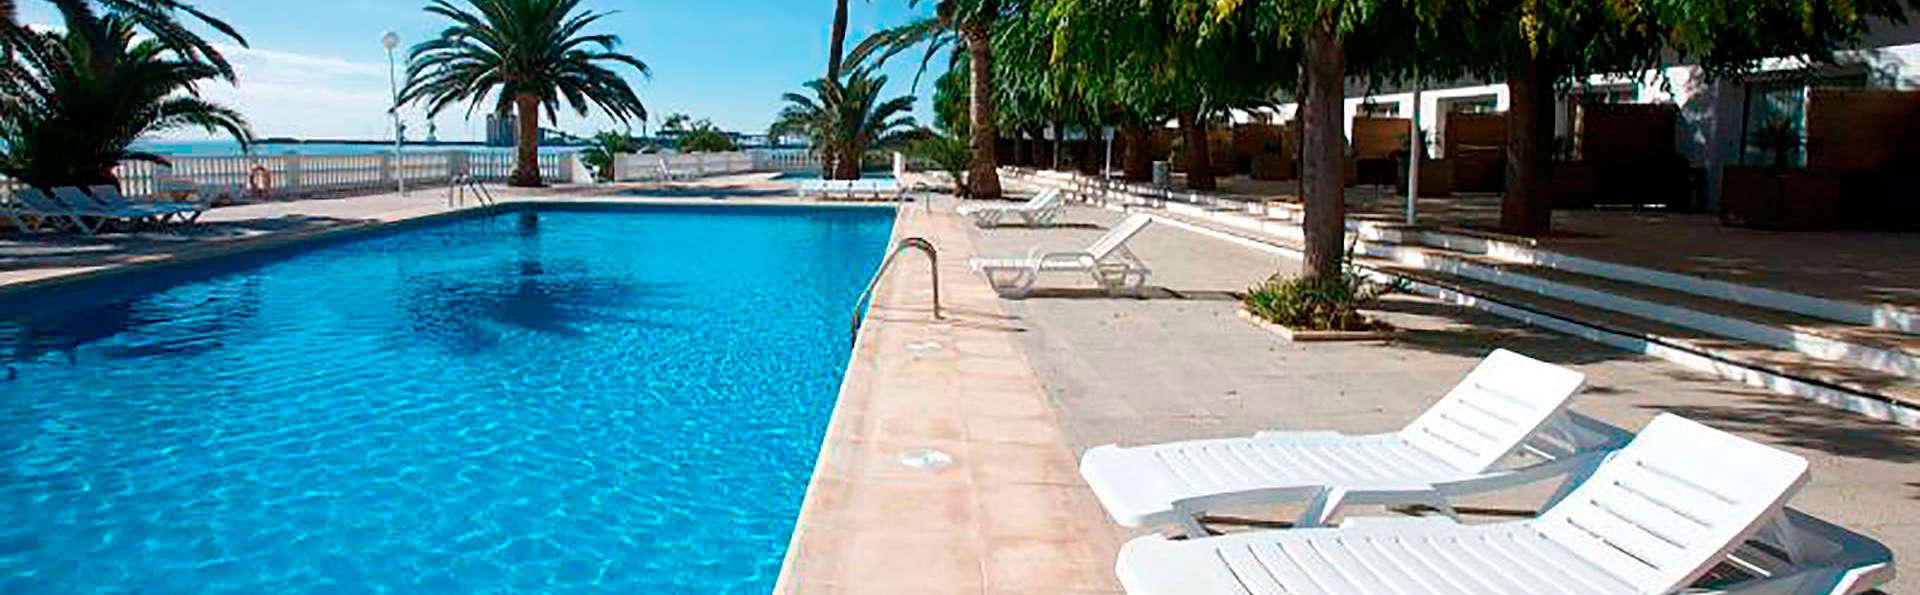 Hotel Carlos III - EDIT_pool.jpg